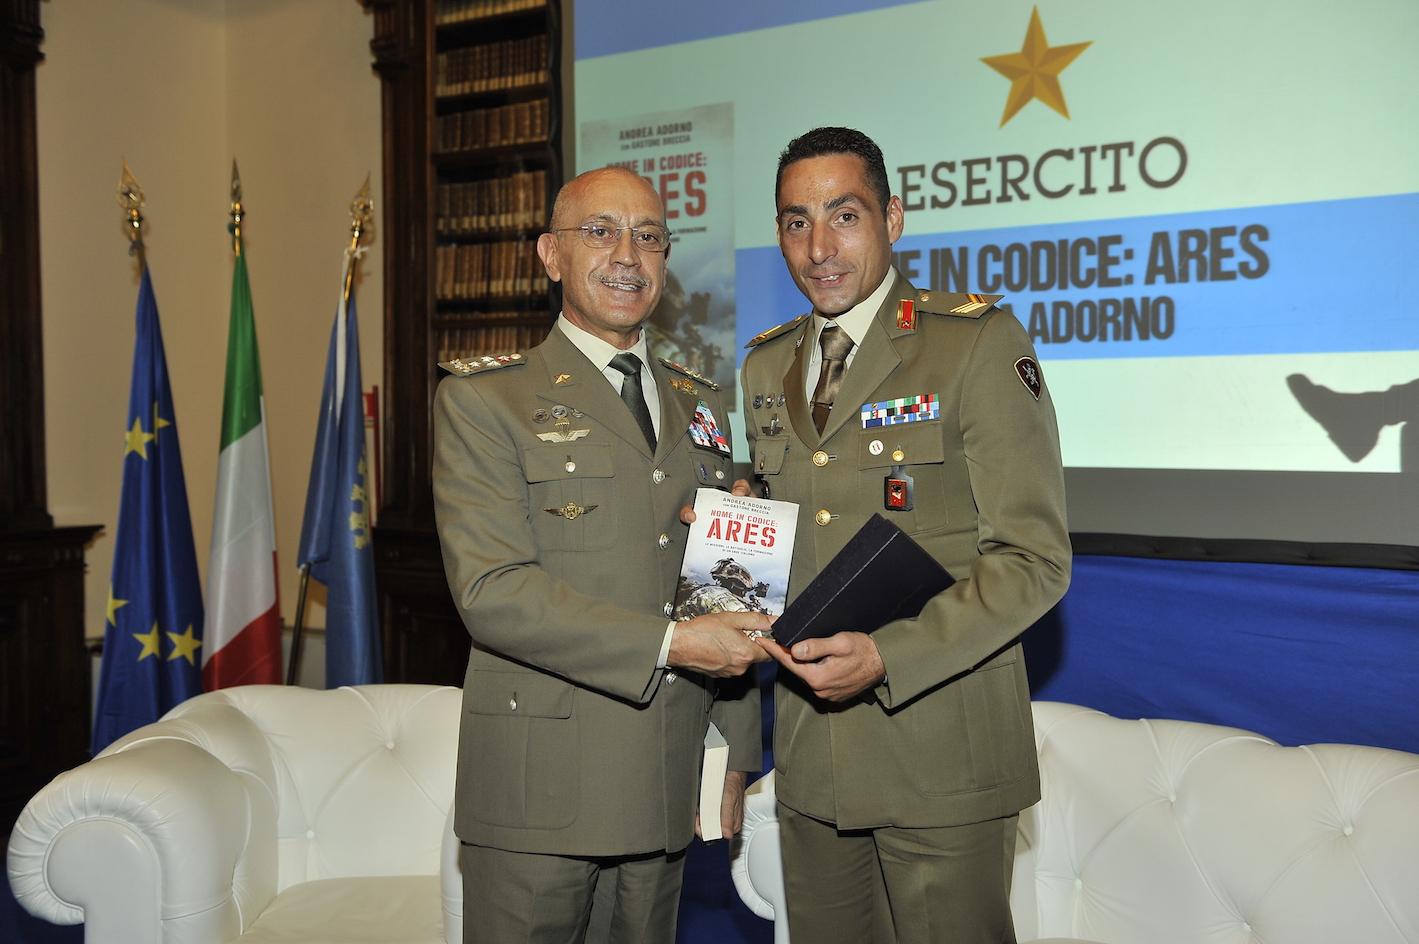 Il Sergente Adorno consegna copia del suo libro al Generale Errico